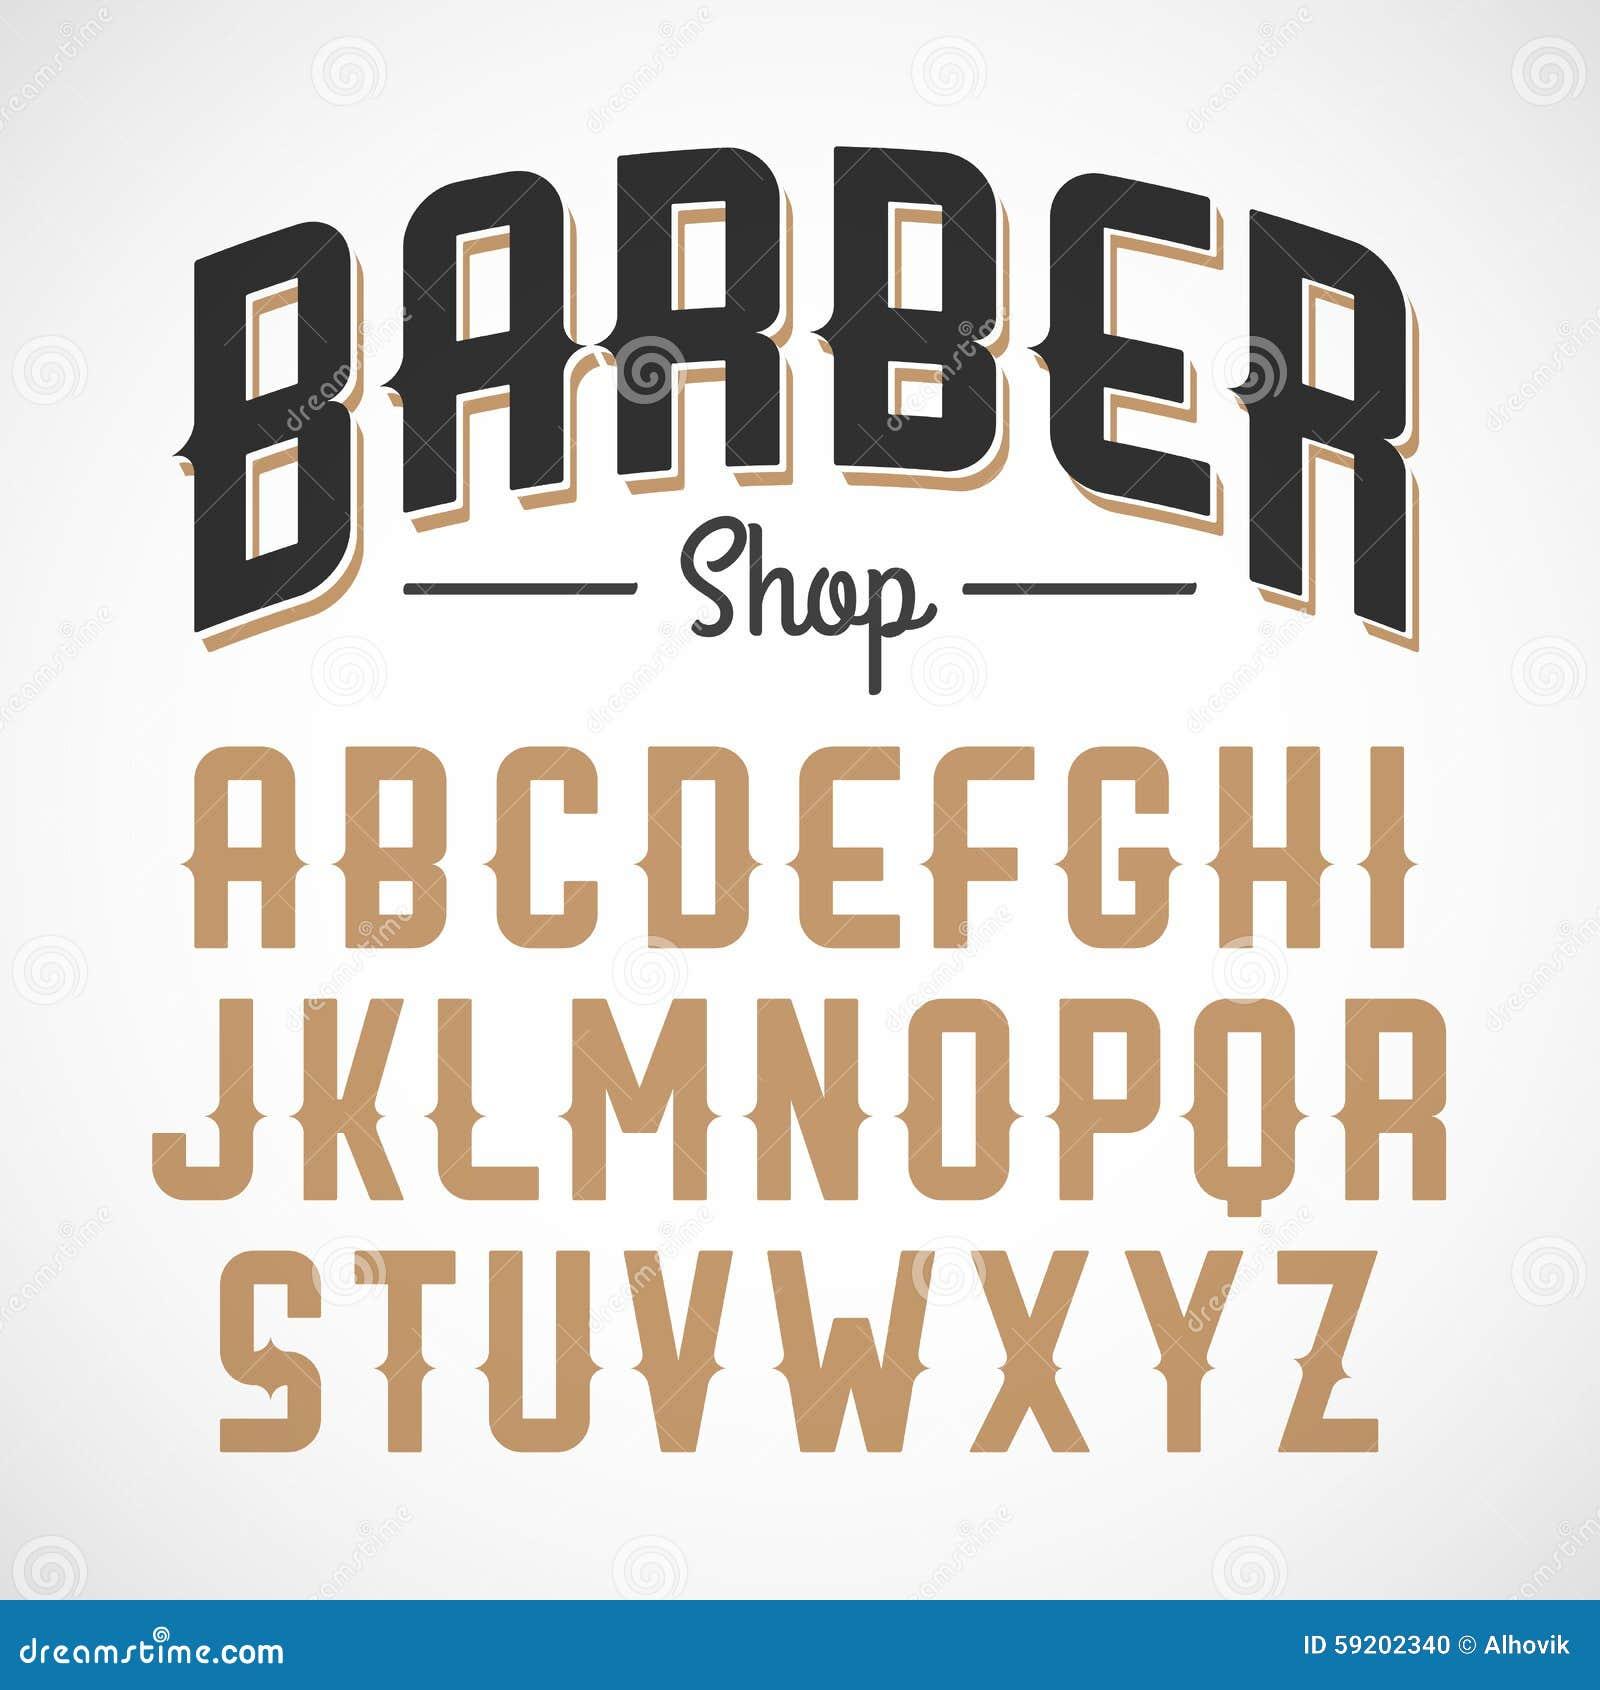 Barber Font : Barber shop, vintage style sans serif font.